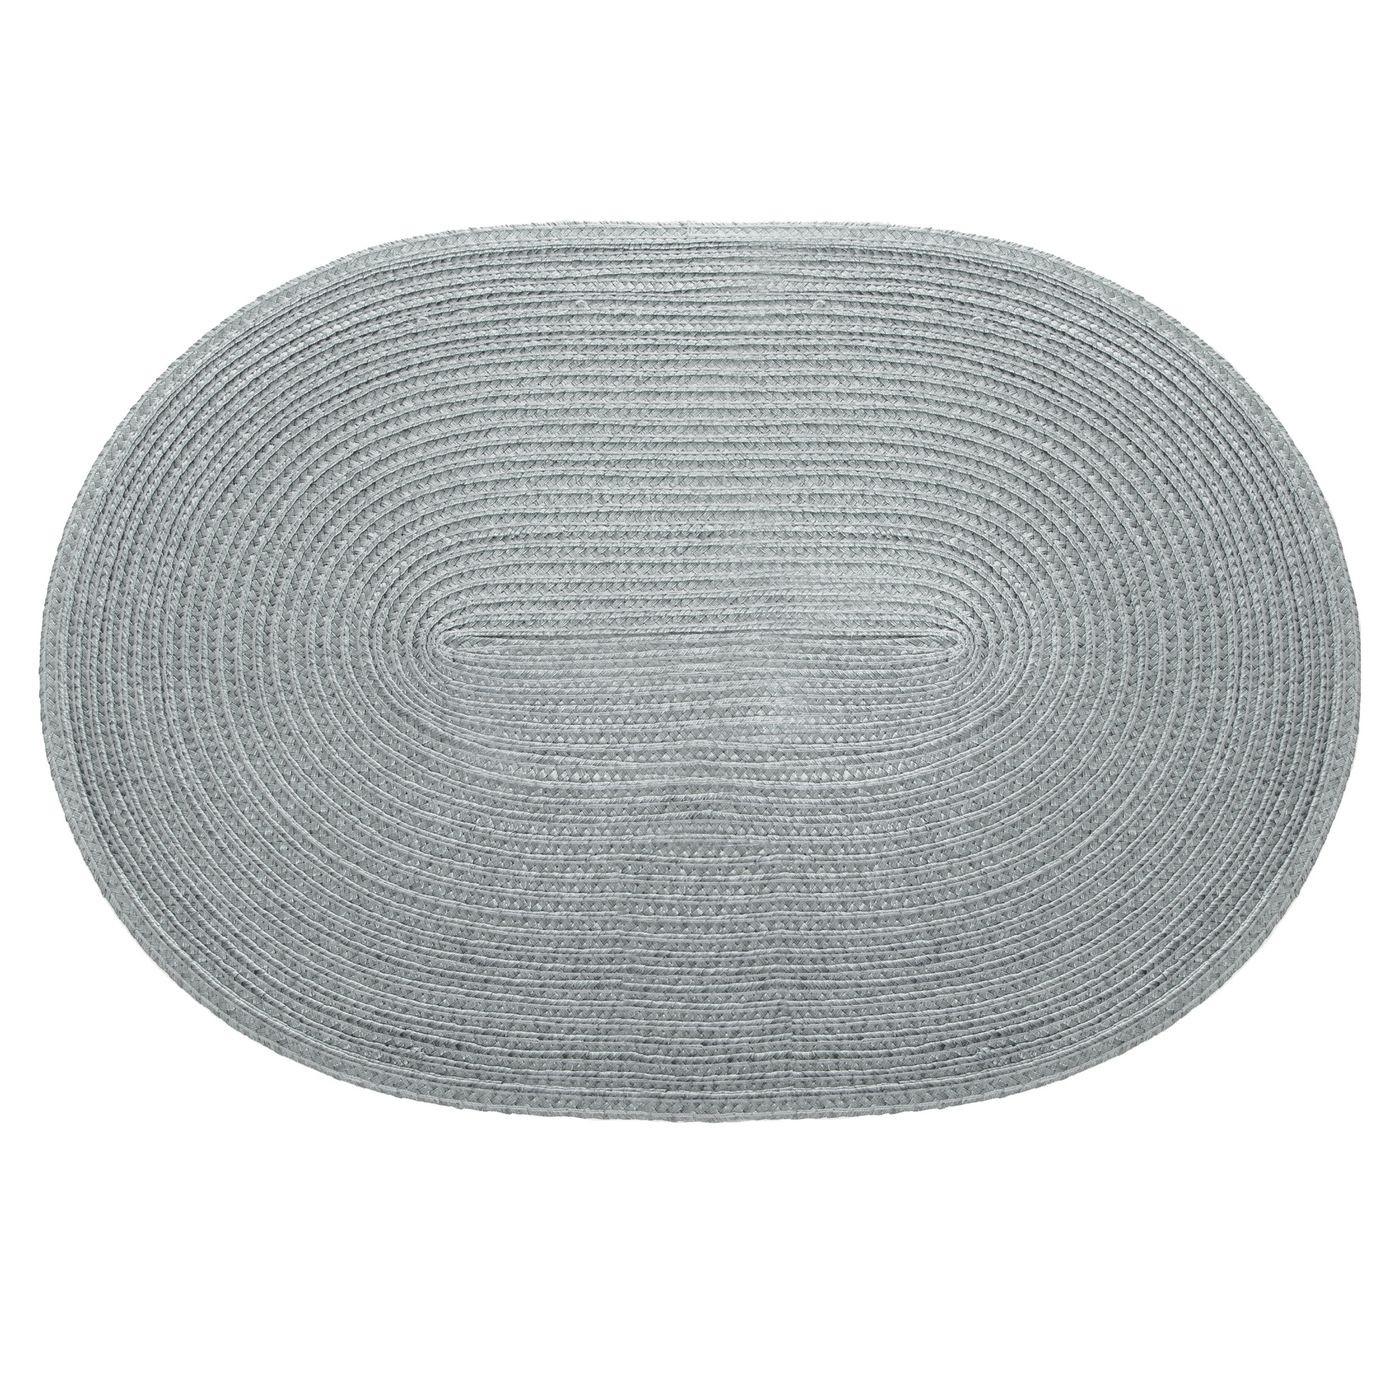 Owalna podkładka stołowa popielata 30x45 cm